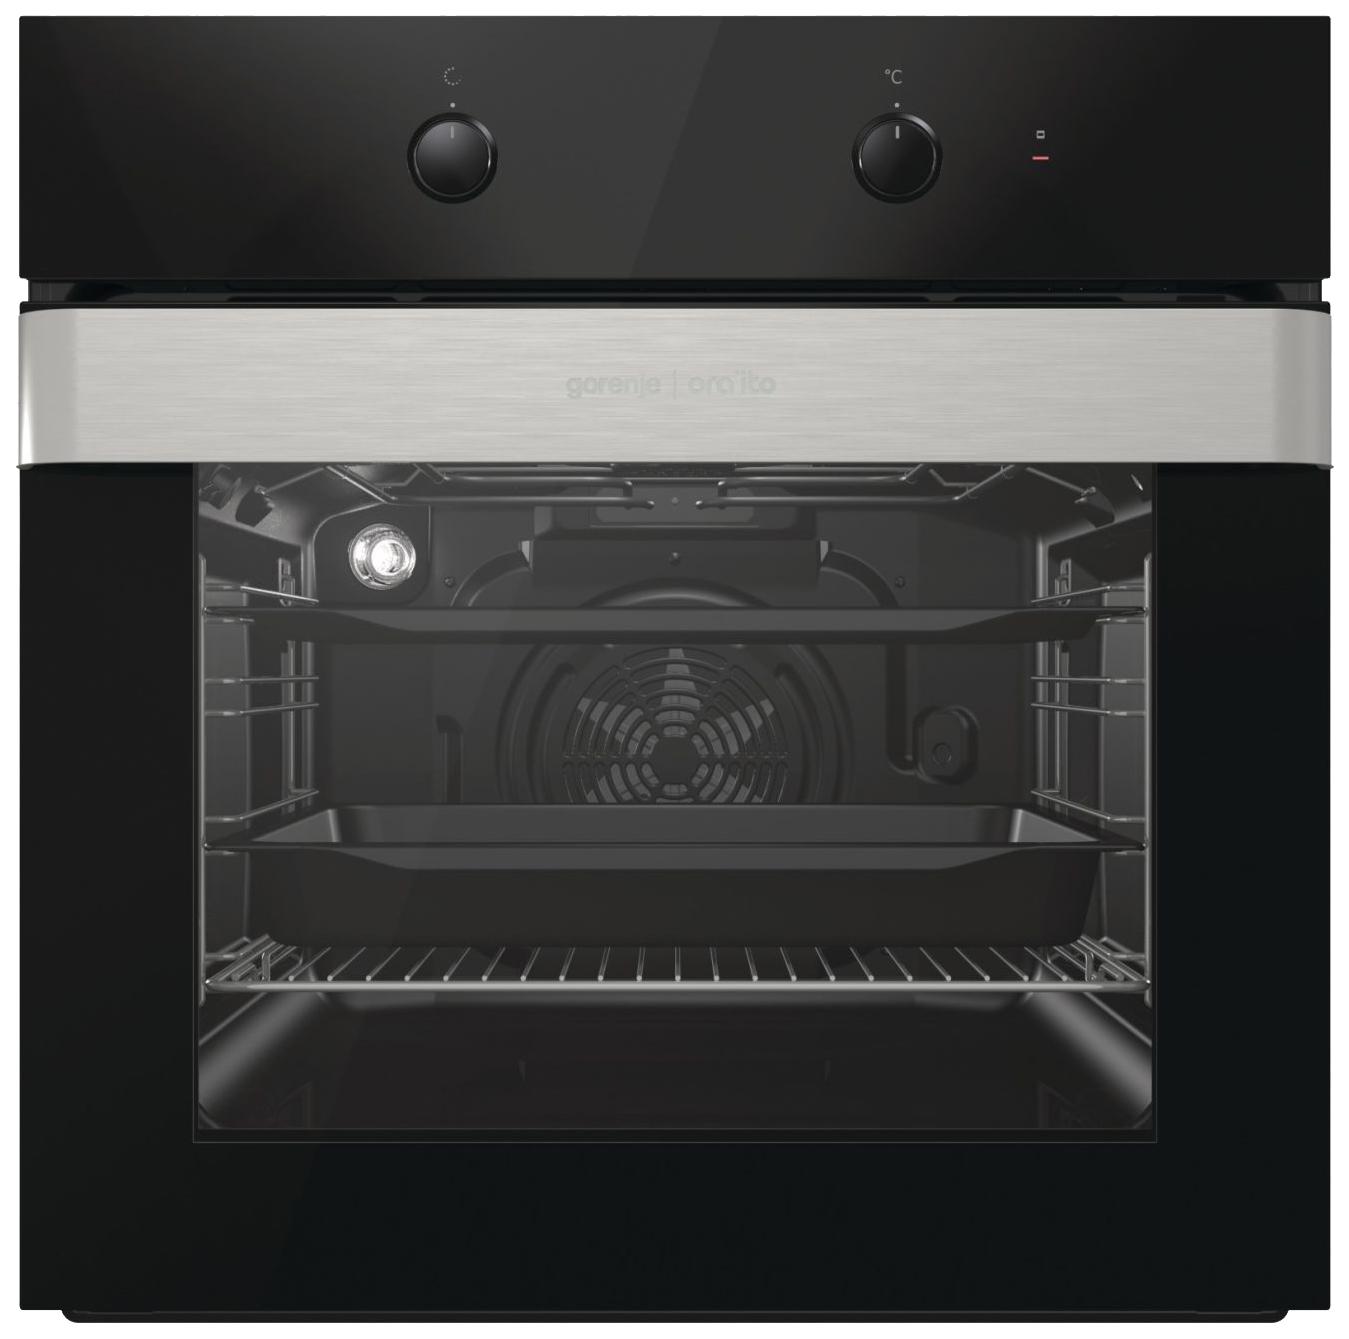 Встраиваемый электрический духовой шкаф Gorenje BO717ORAB Black фото